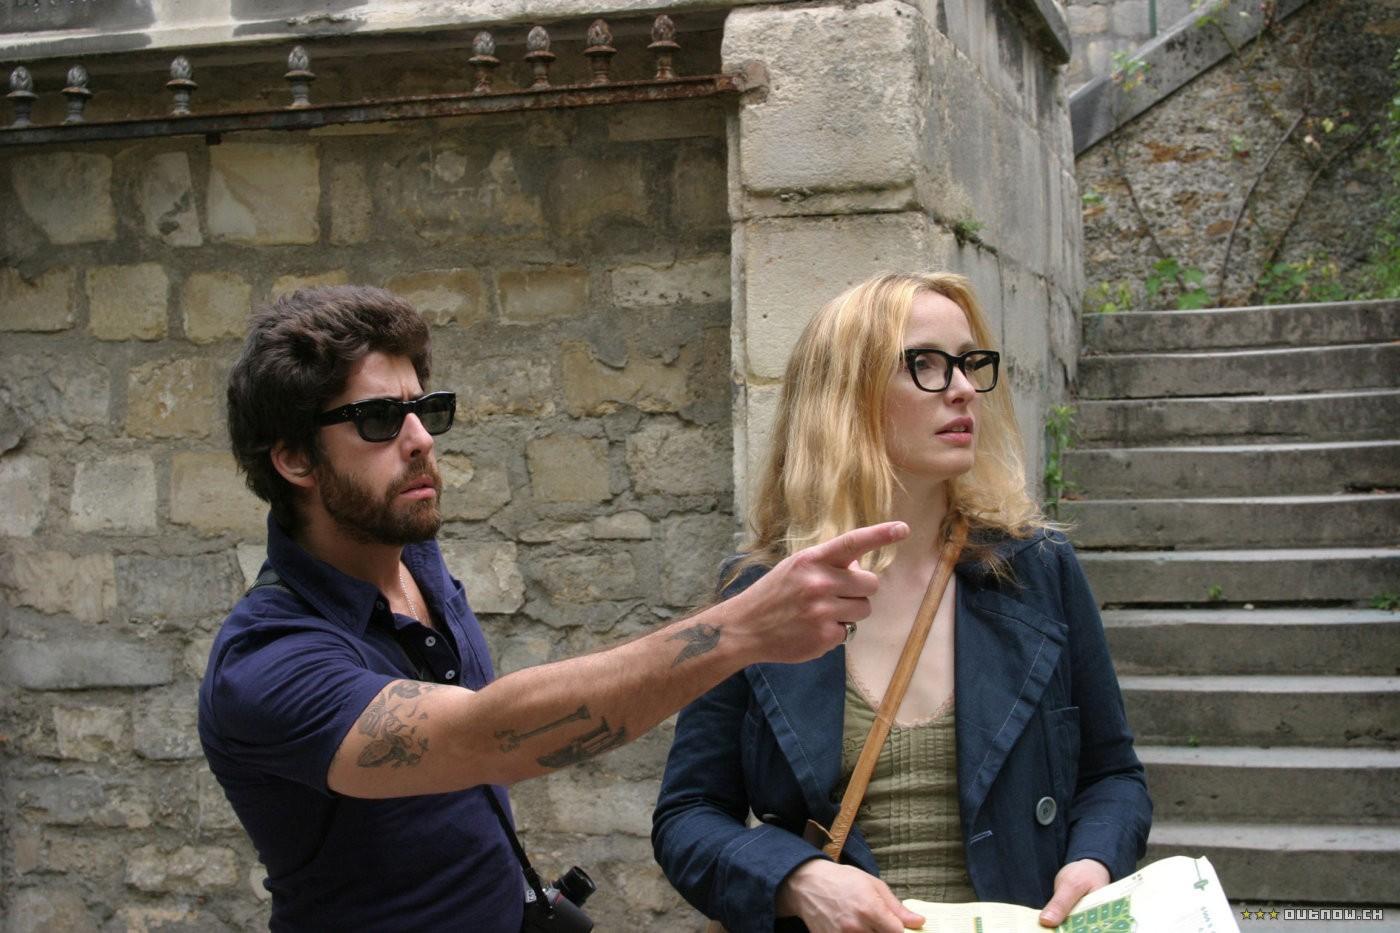 кадры из фильма Два дня в Париже Адам Голдберг, Жюли Дельпи,